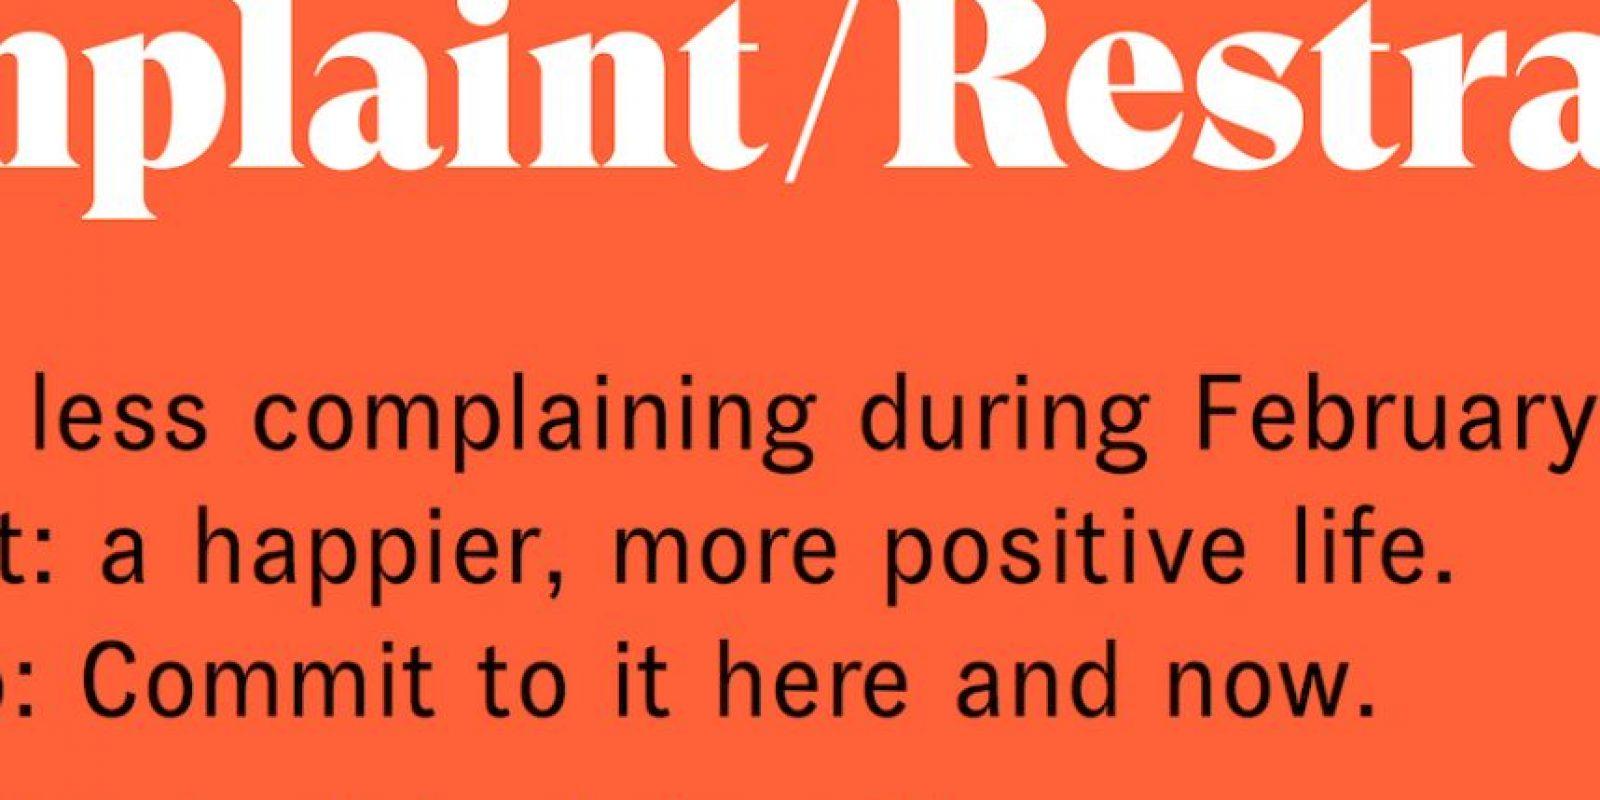 """Aunque se realizó en febrero, todavía hay gente que puede unirse al proyecto """"Complaint Restraint"""", en el que se pretenden reversar pensamientos negativos para convertirlos en sugerencias positivas y así transformar vidas. Foto:Complaint Restraint"""